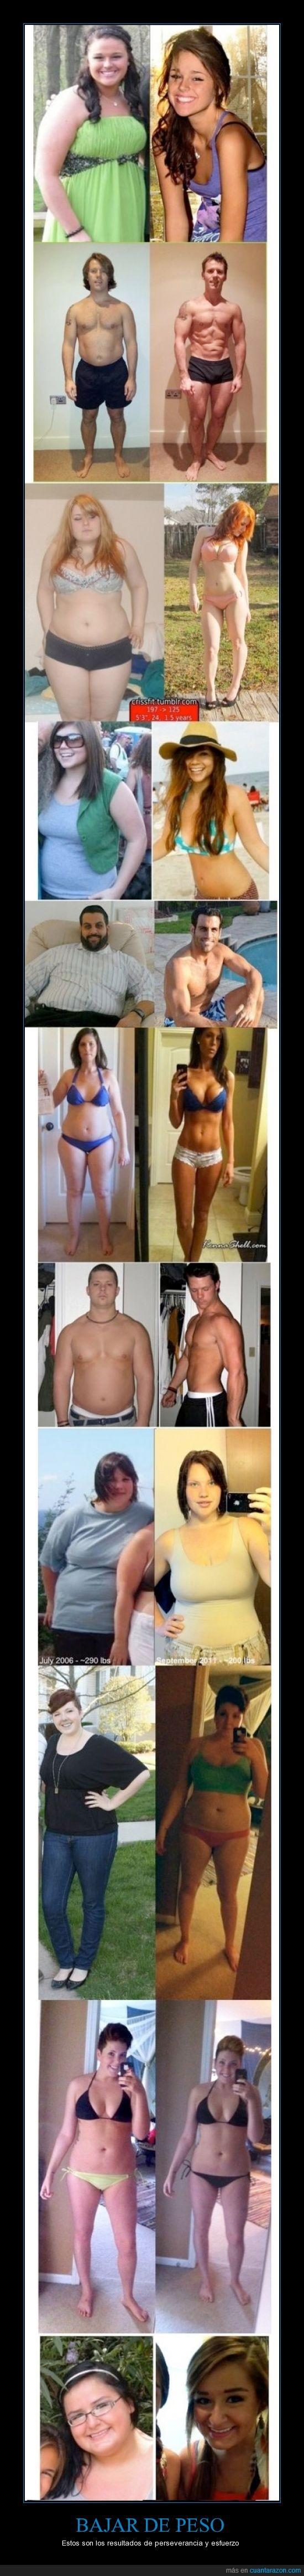 bajar de peso,esfuerzo,gordo,hola mamá,musculoso,perseverancia